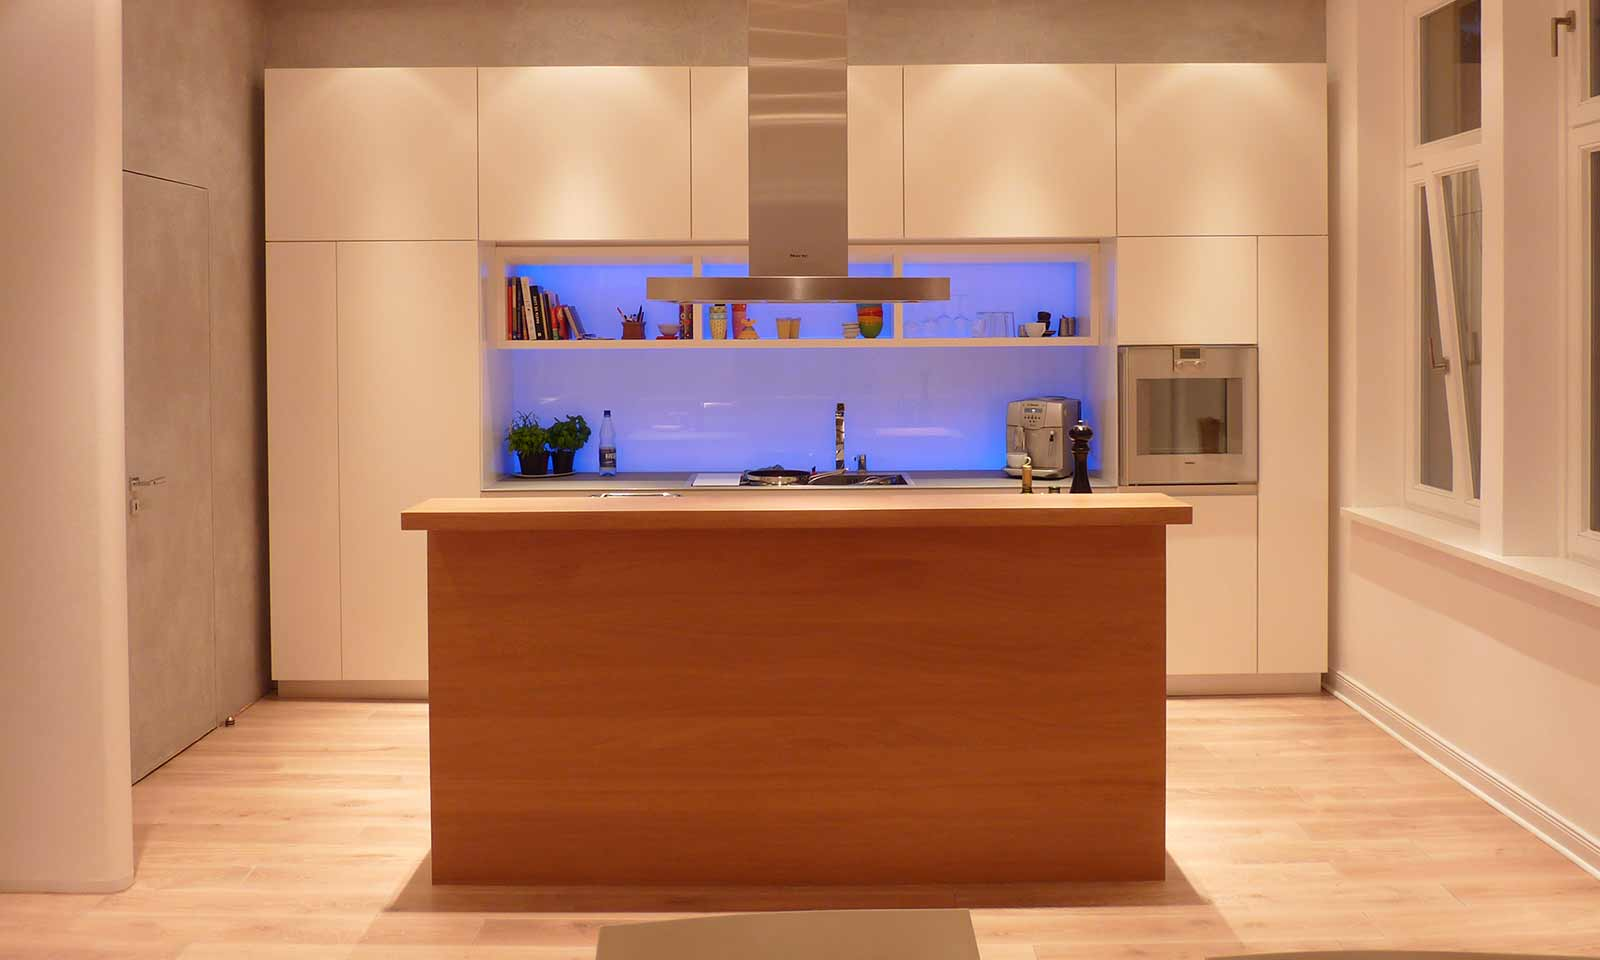 Tischlerei Küche